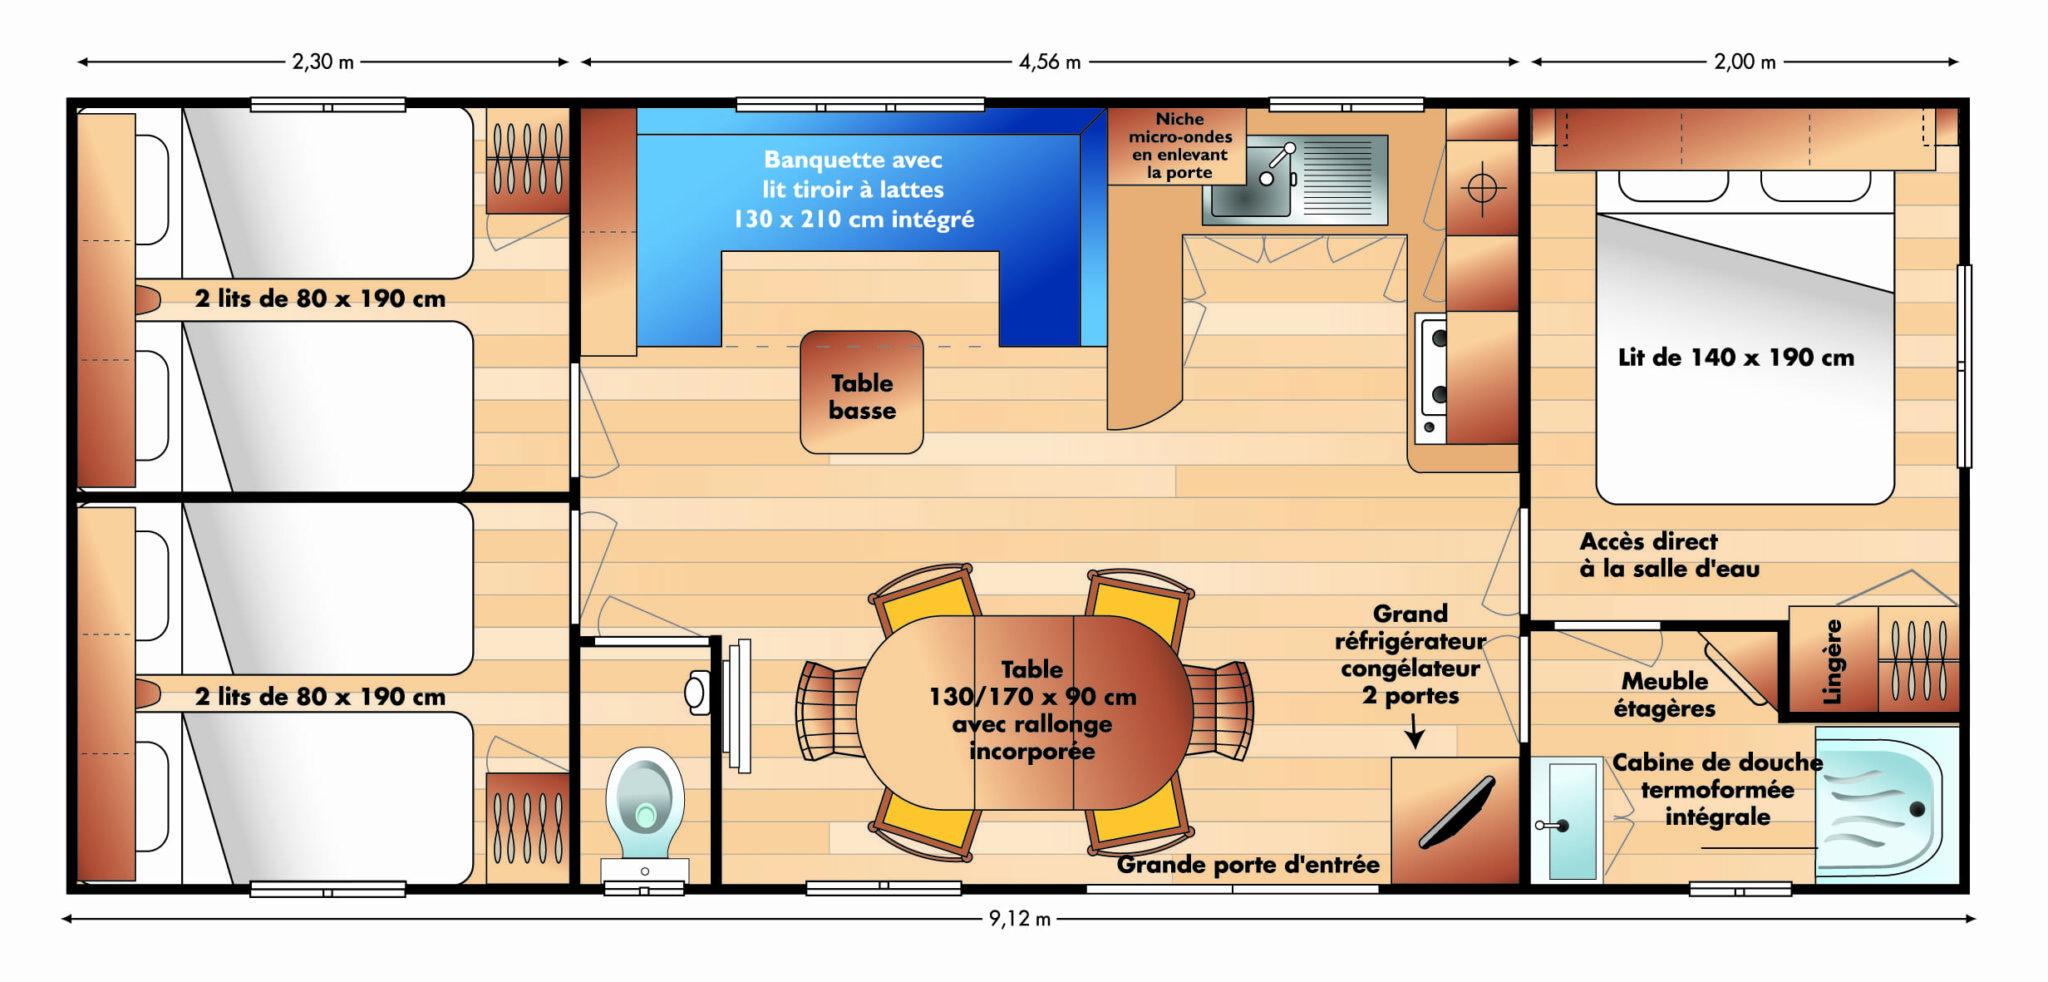 Irm Super Octalia - 2007 - Mobil home d'Occ - 12 000€ - Zen Mobil home